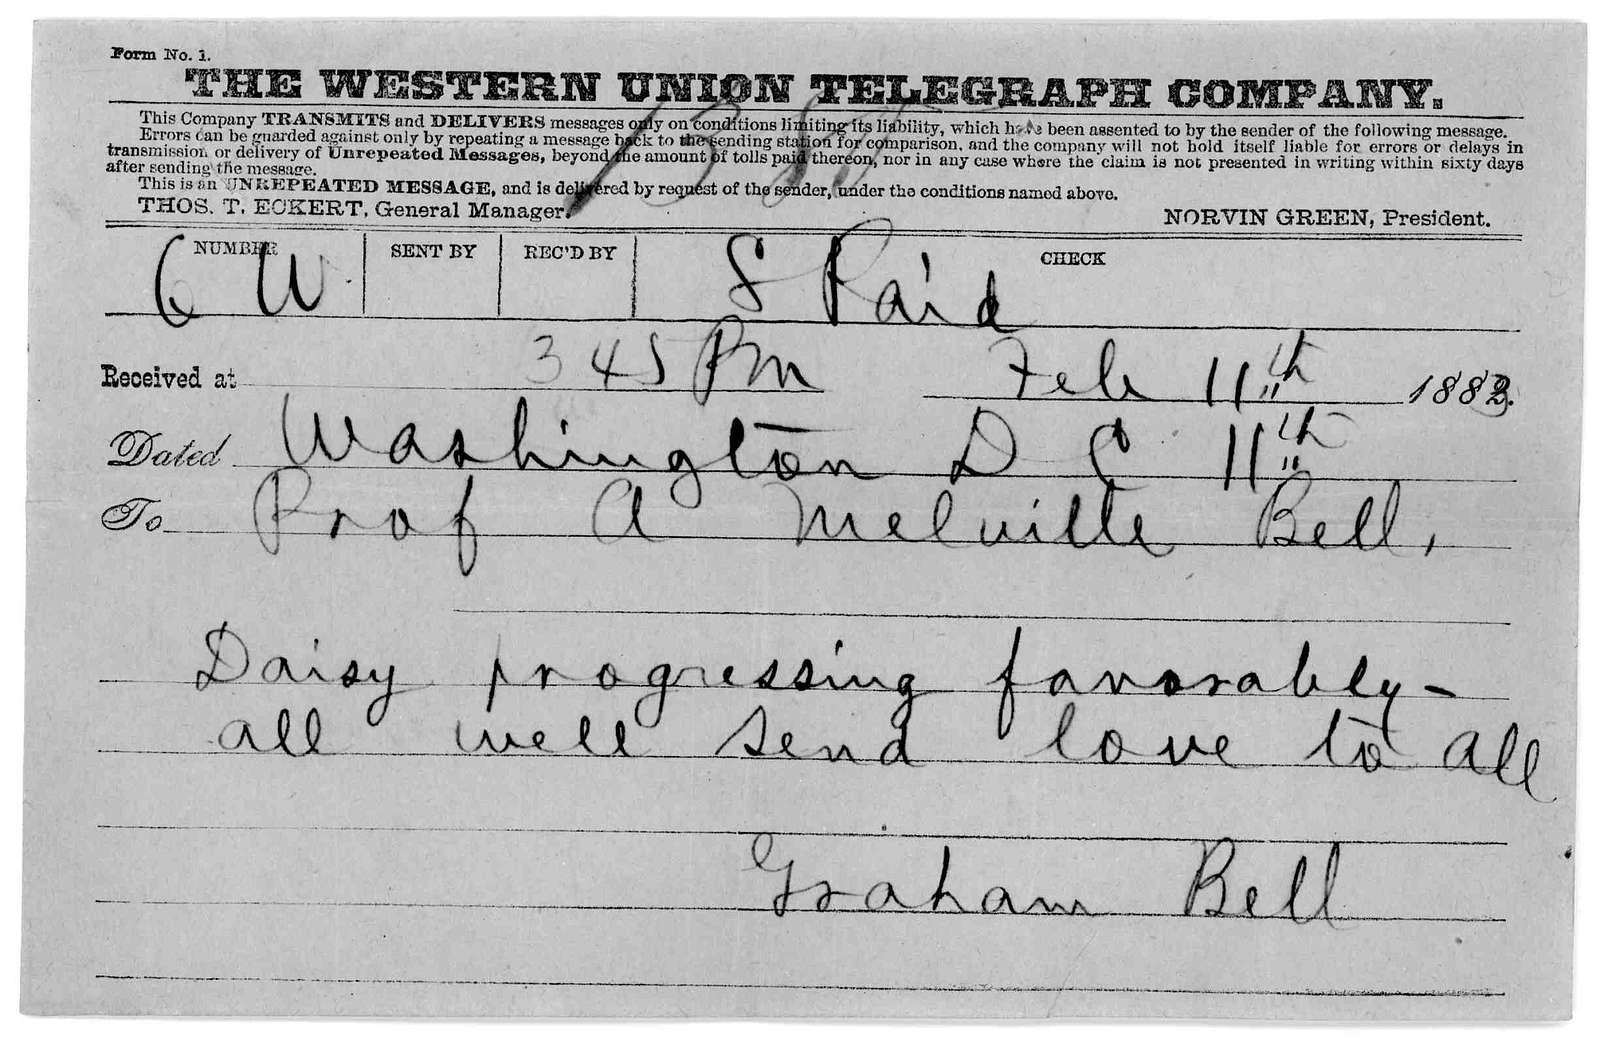 Telegram from Alexander Graham Bell to Alexander Melville Bell, February 11, 1883